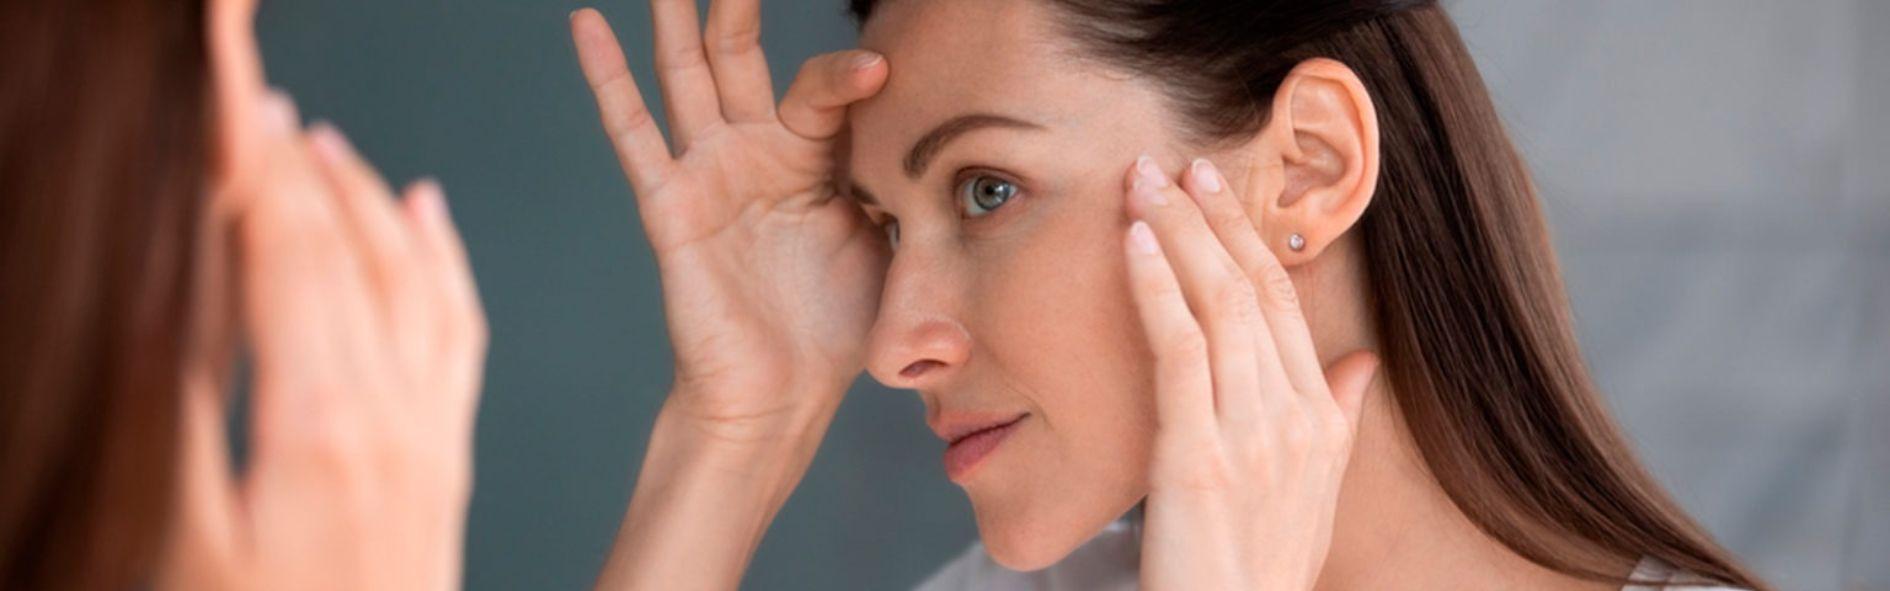 La mesoterapia, un tratamiento estético para combatir el envejecimiento y la grasa localizada